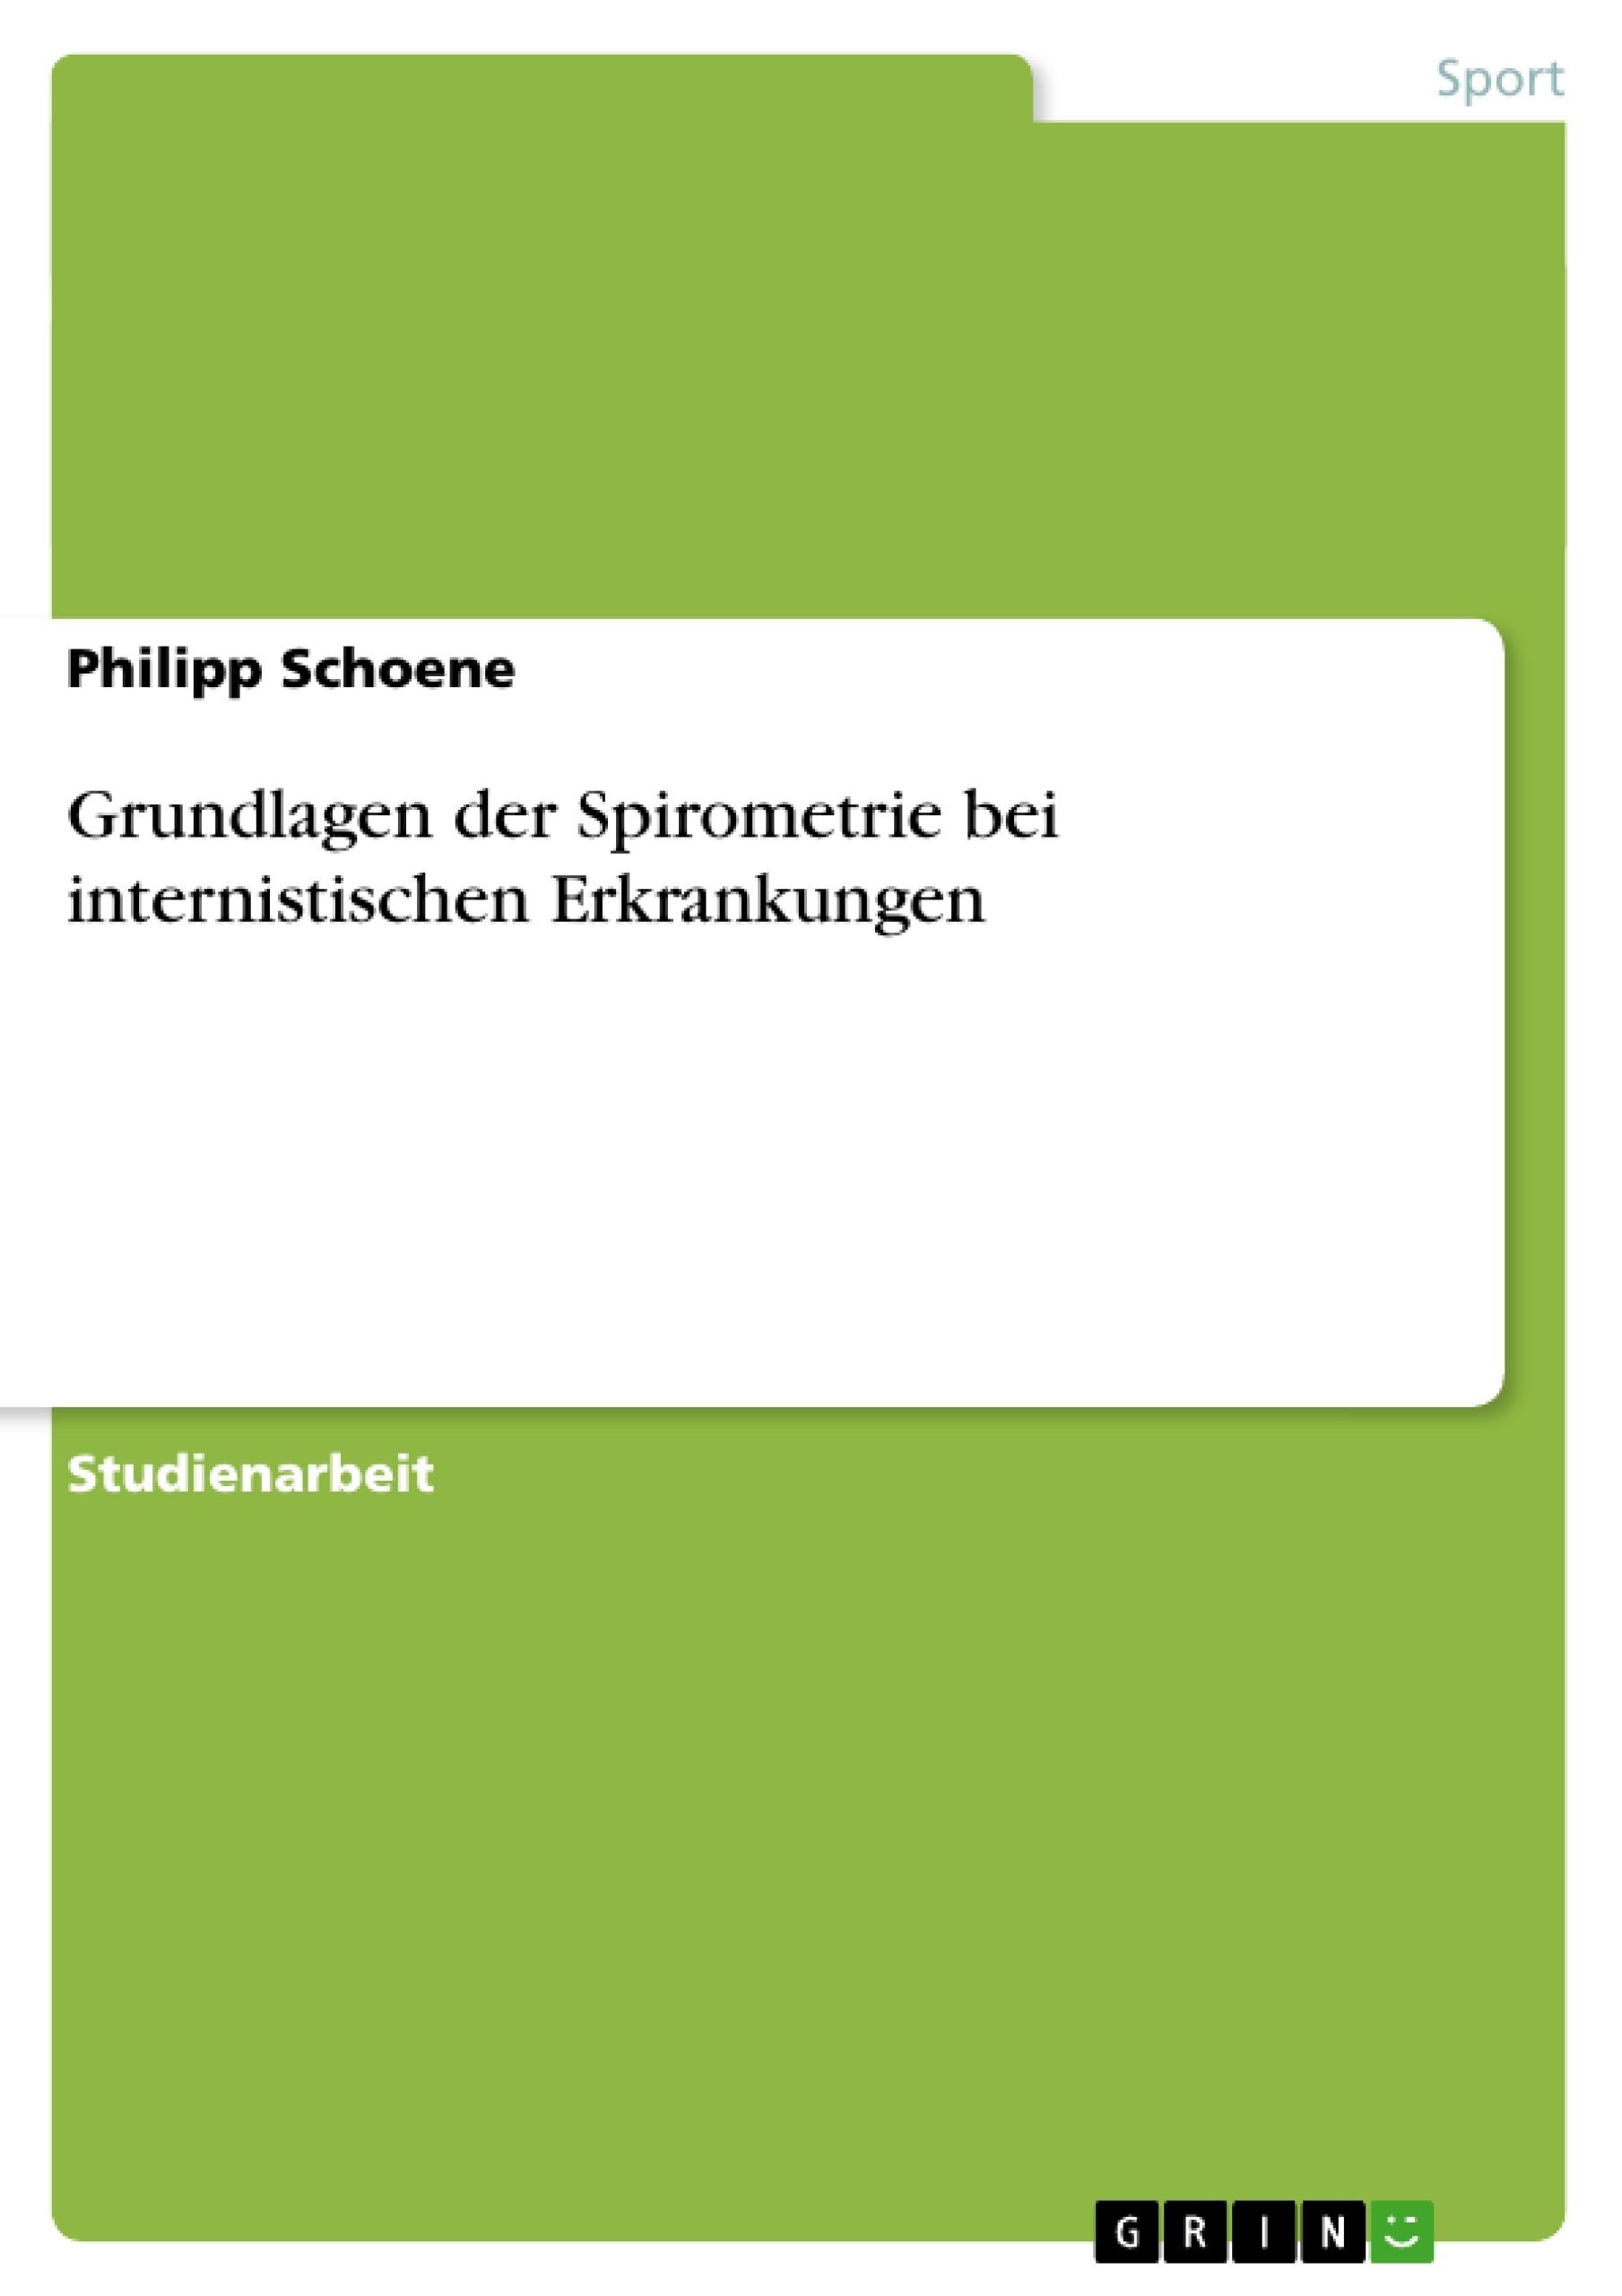 Titel: Grundlagen der Spirometrie bei internistischen Erkrankungen